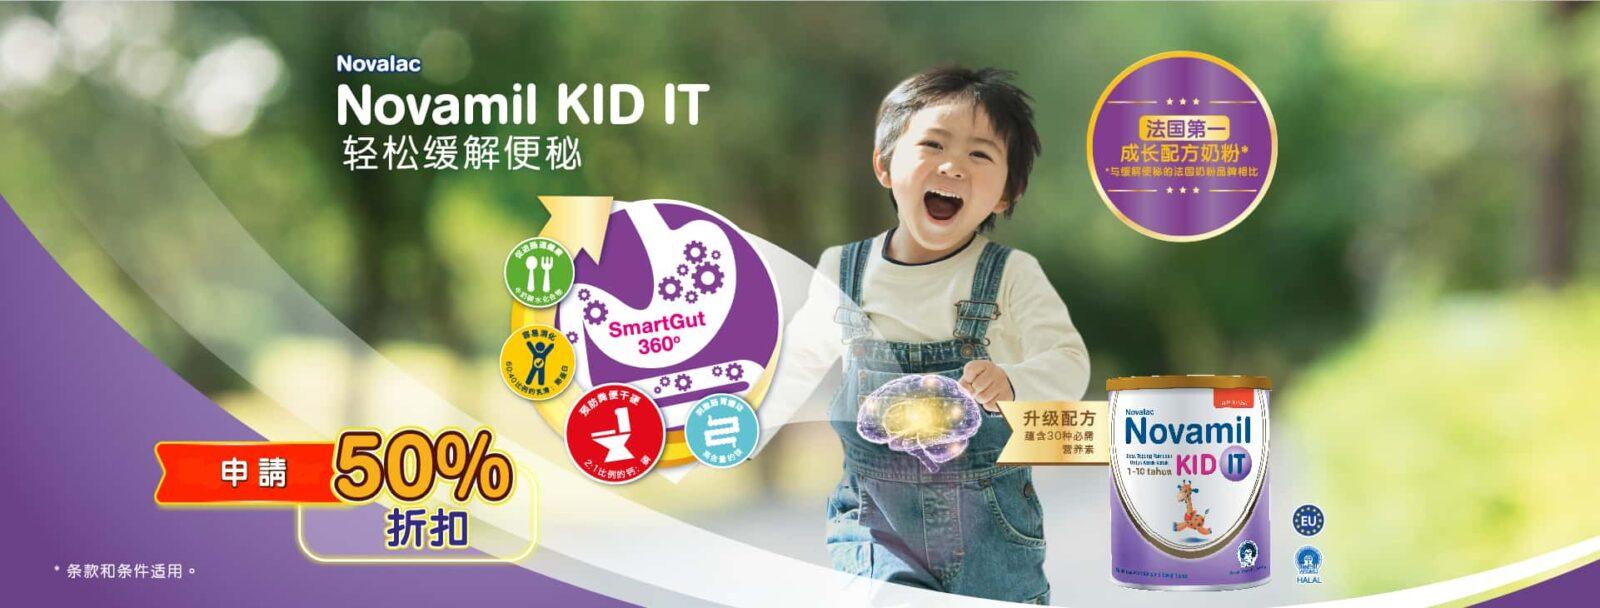 KIDIT-banner-website banner-signup-sep_1921x766-ENG_1a